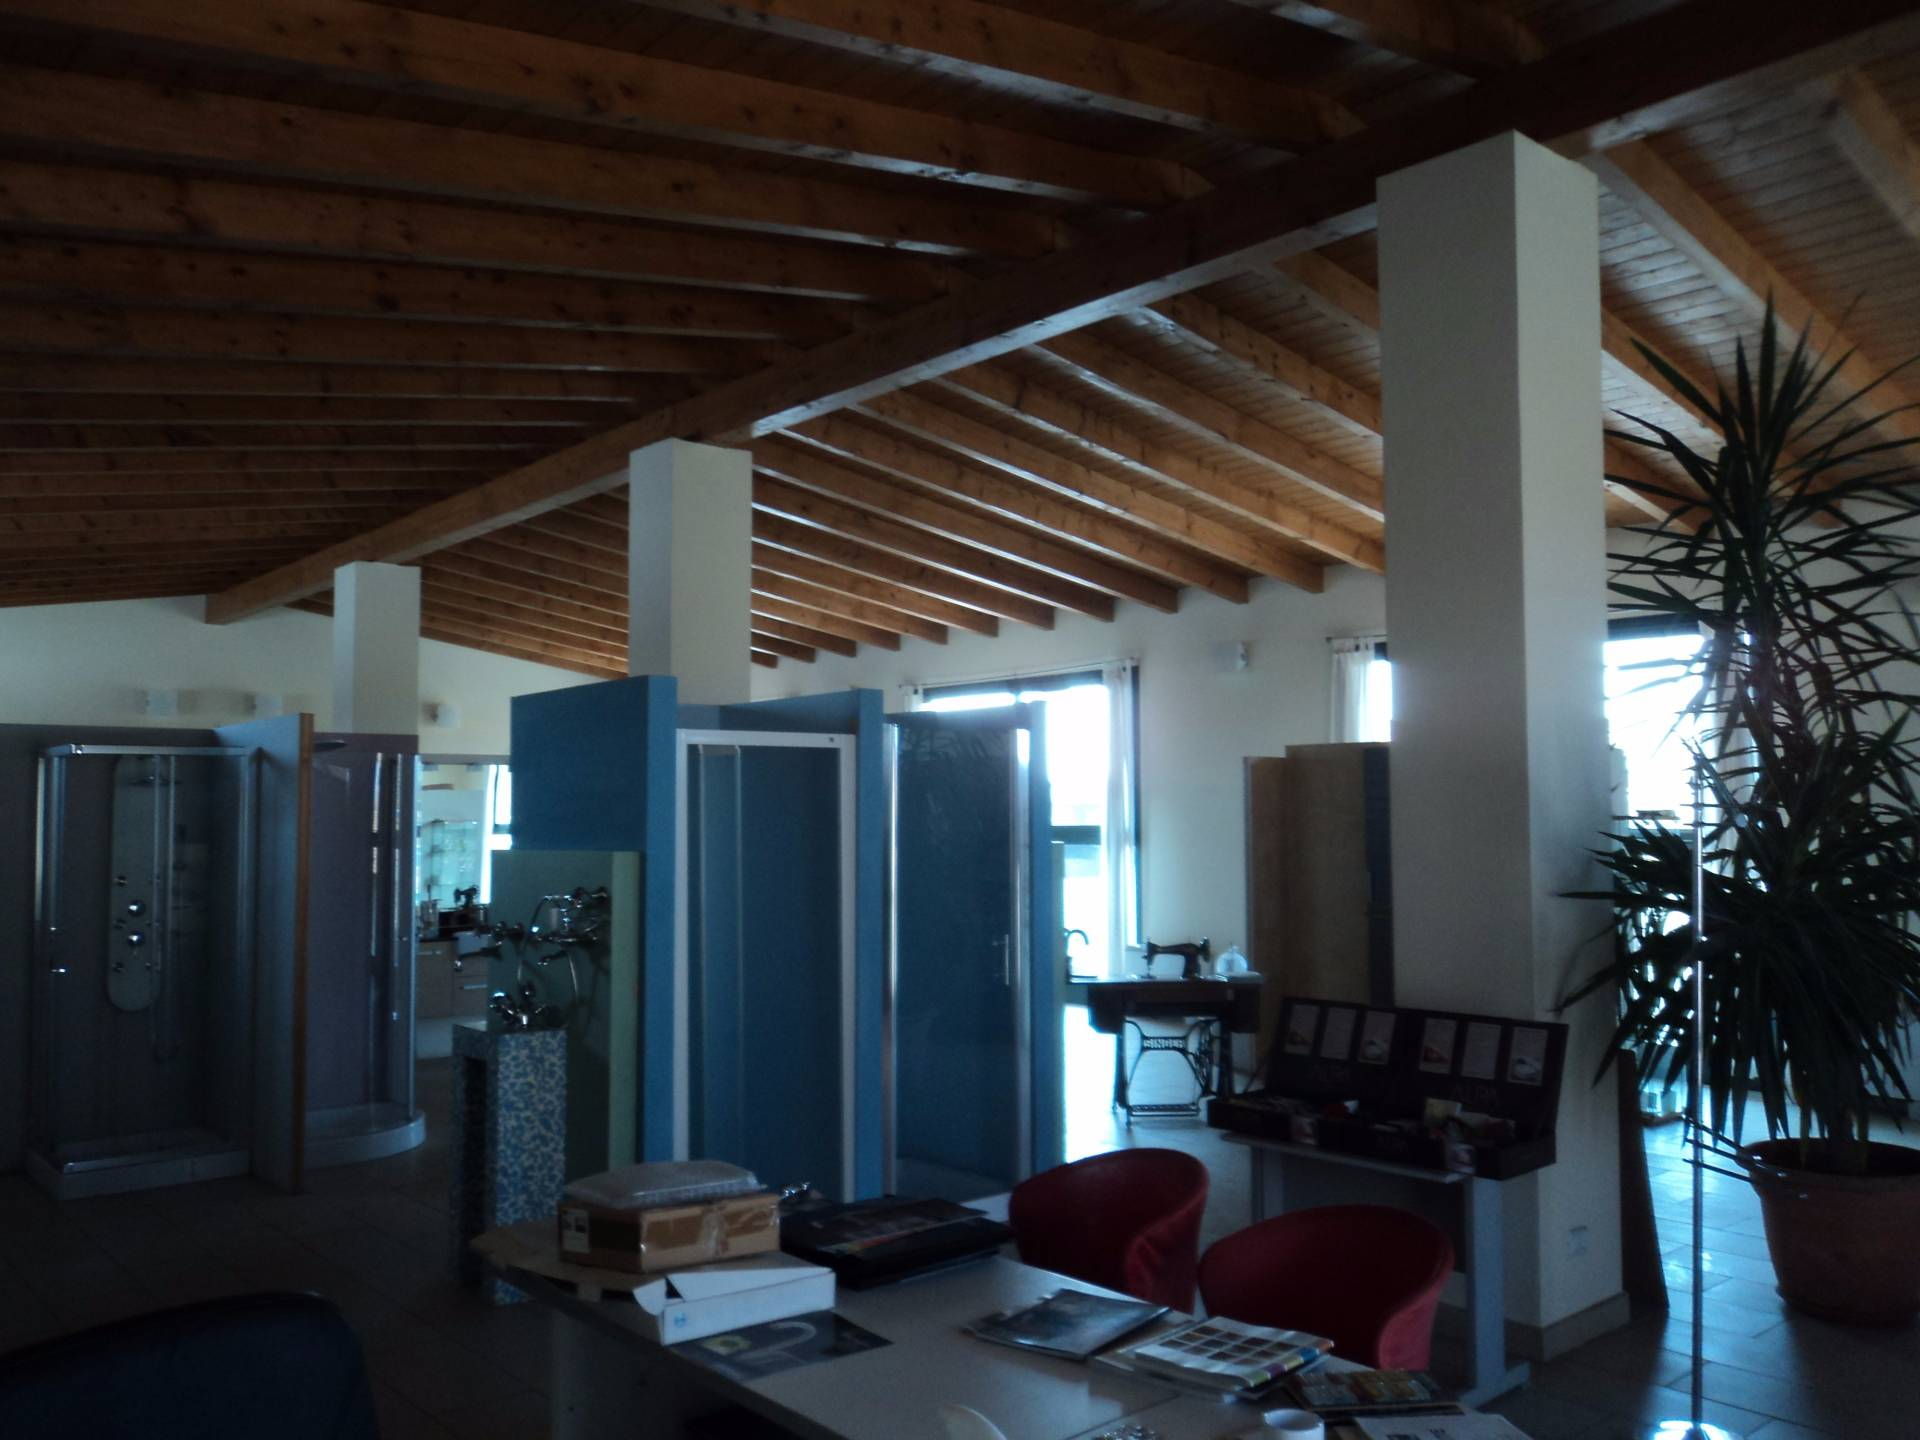 Negozio / Locale in affitto a Galliate, 9999 locali, prezzo € 399.000 | Cambio Casa.it